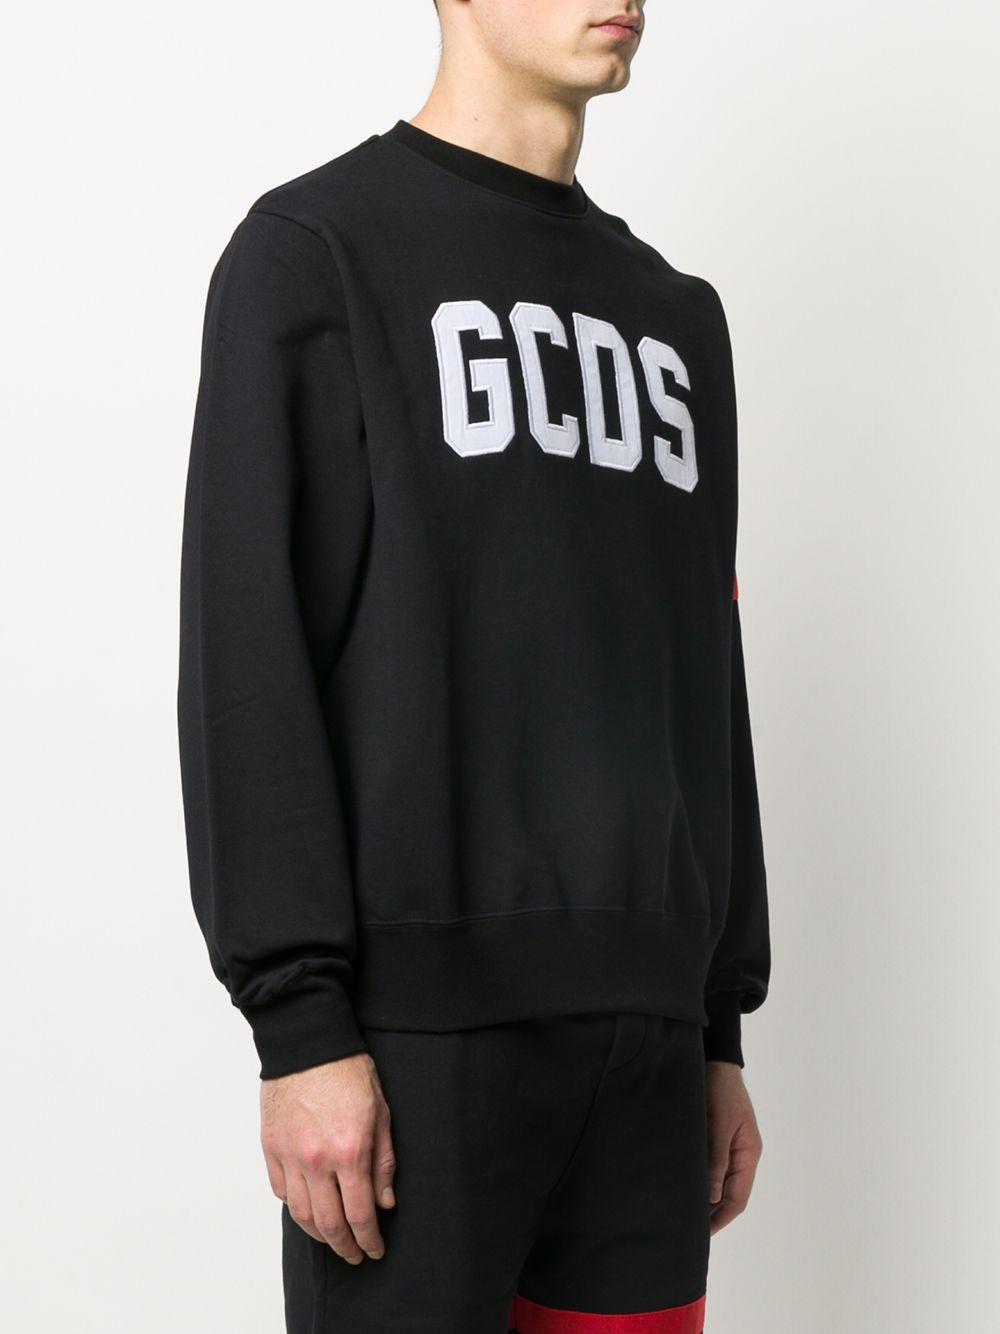 Gcds felpa a girocollo con logo uomo GCDS | Felpe | CC94M02100302